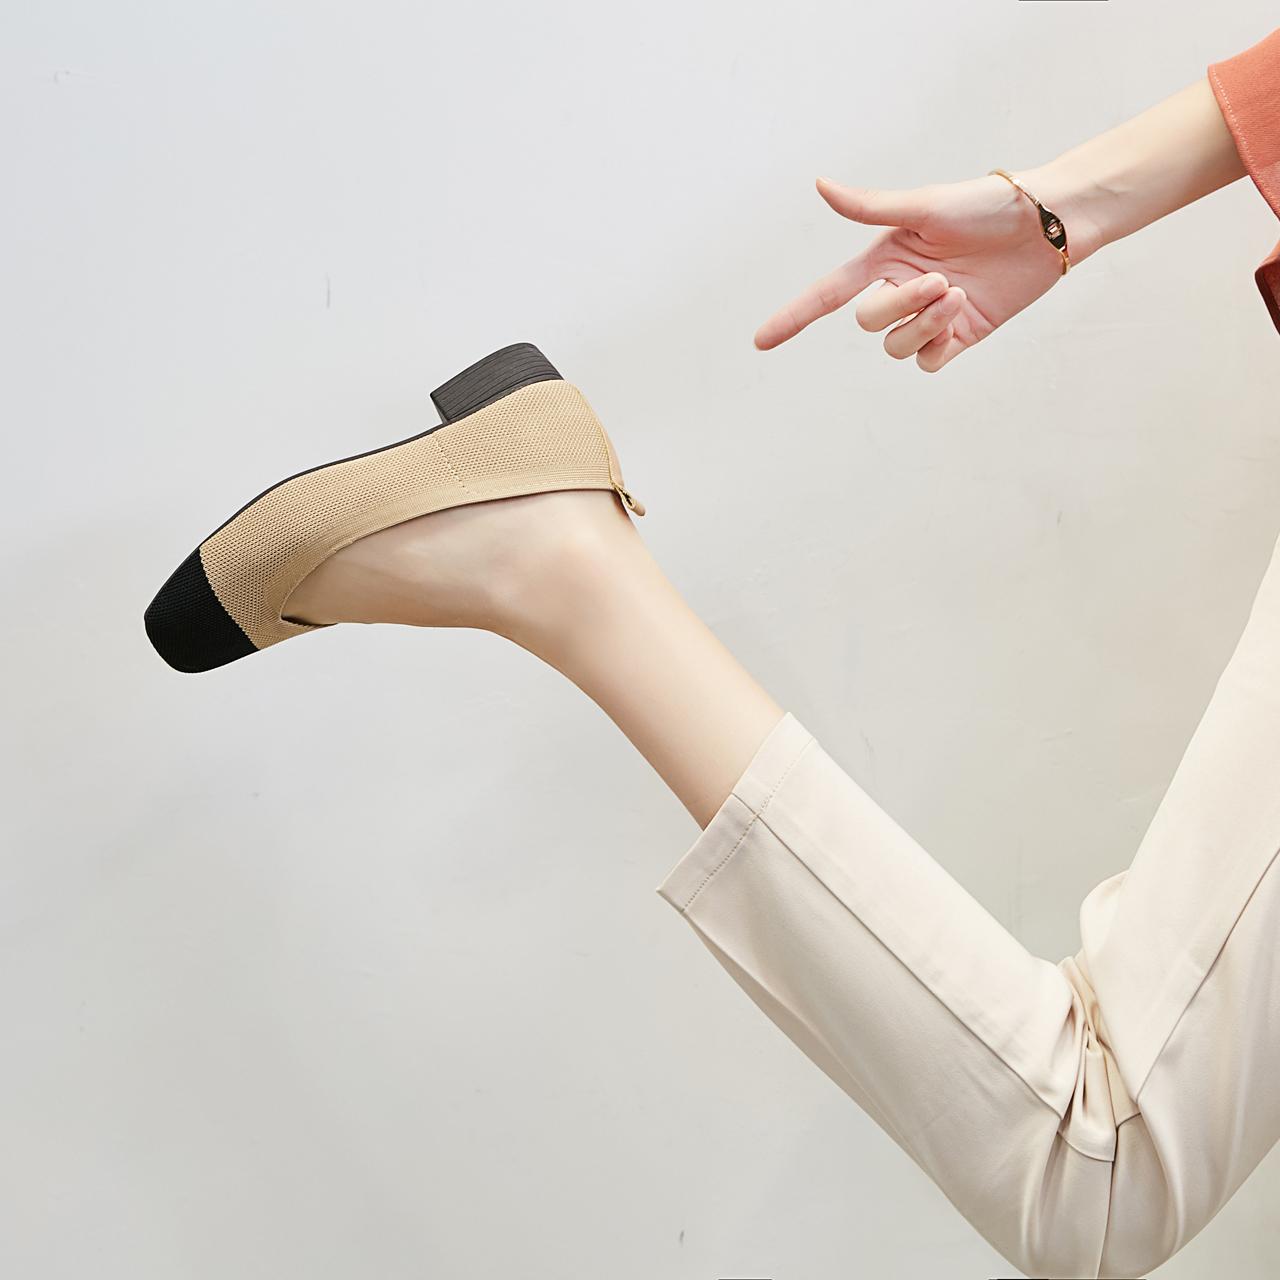 浅口豆豆鞋 粗跟方头复古拼色奶奶单鞋2018新款中跟浅口豆豆鞋小香风针织女鞋_推荐淘宝好看的浅口豆豆鞋